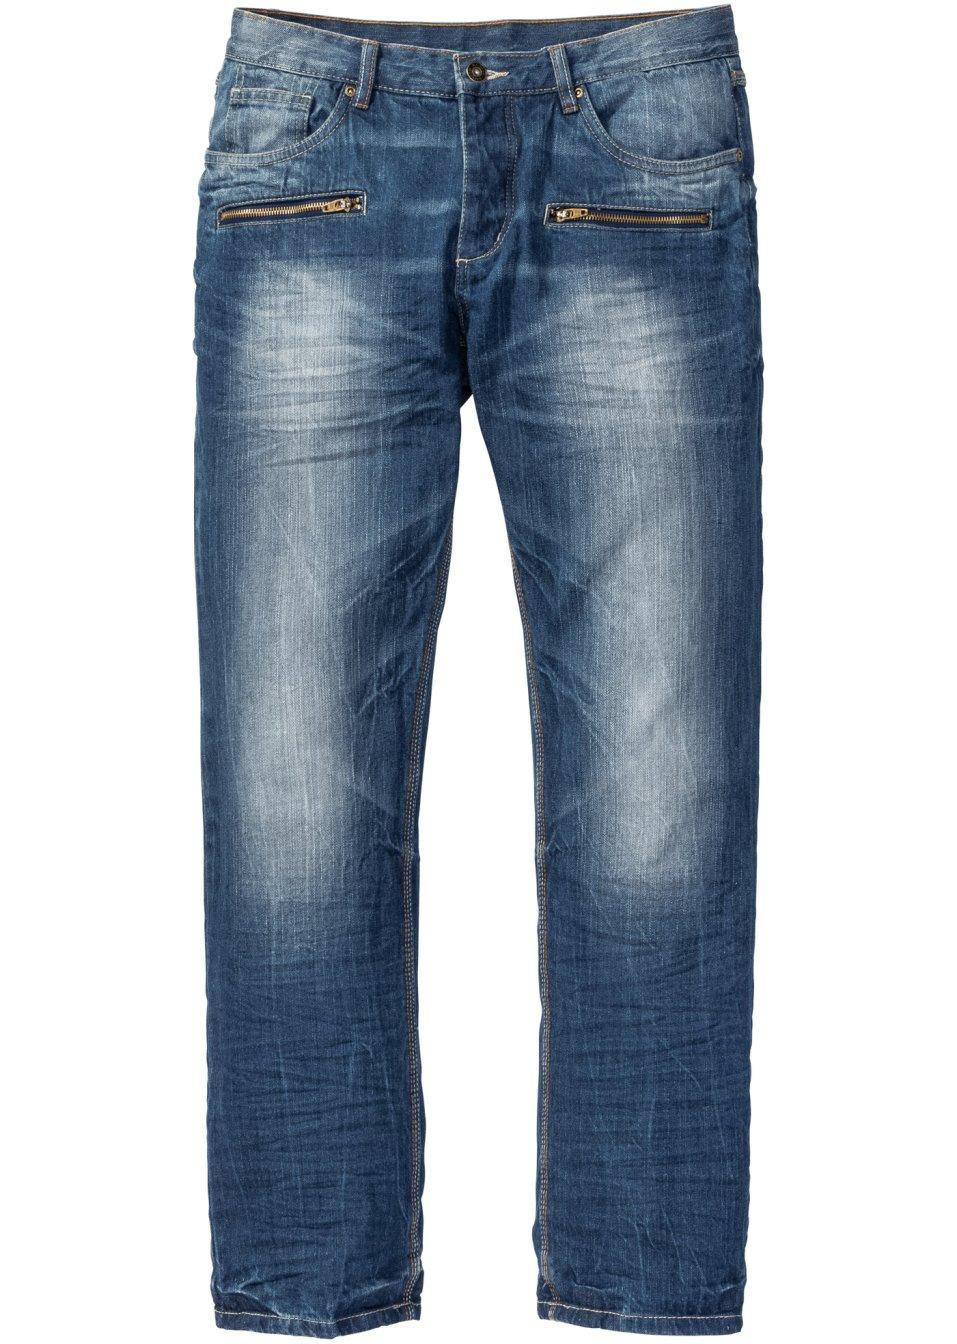 trendstarke jeans mit rei verschlusstaschen und. Black Bedroom Furniture Sets. Home Design Ideas